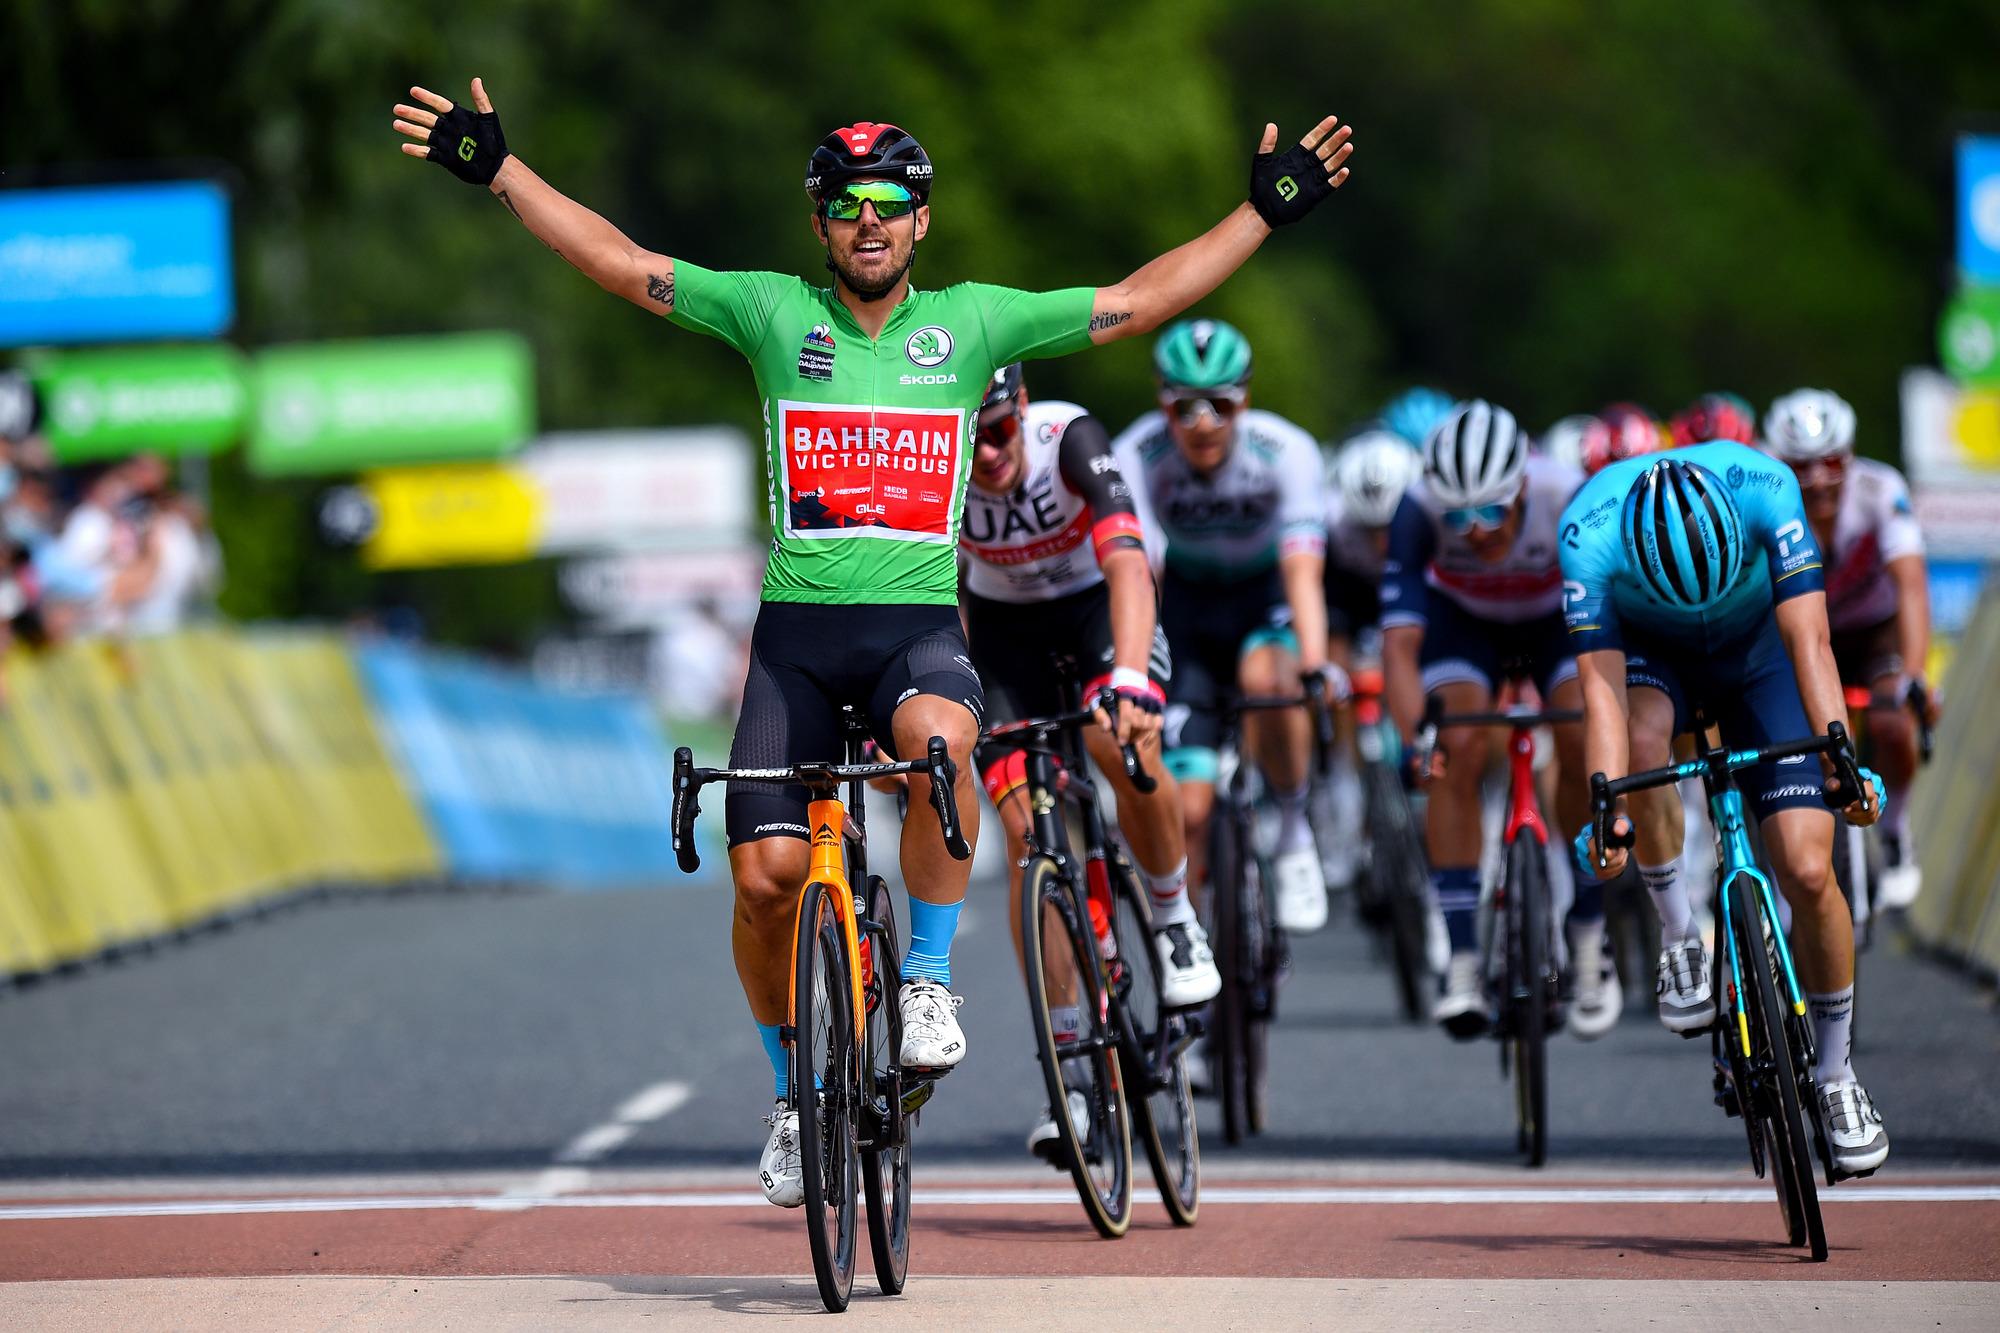 ドーフィネのステージ3でコルブレッリが勝利を飾る